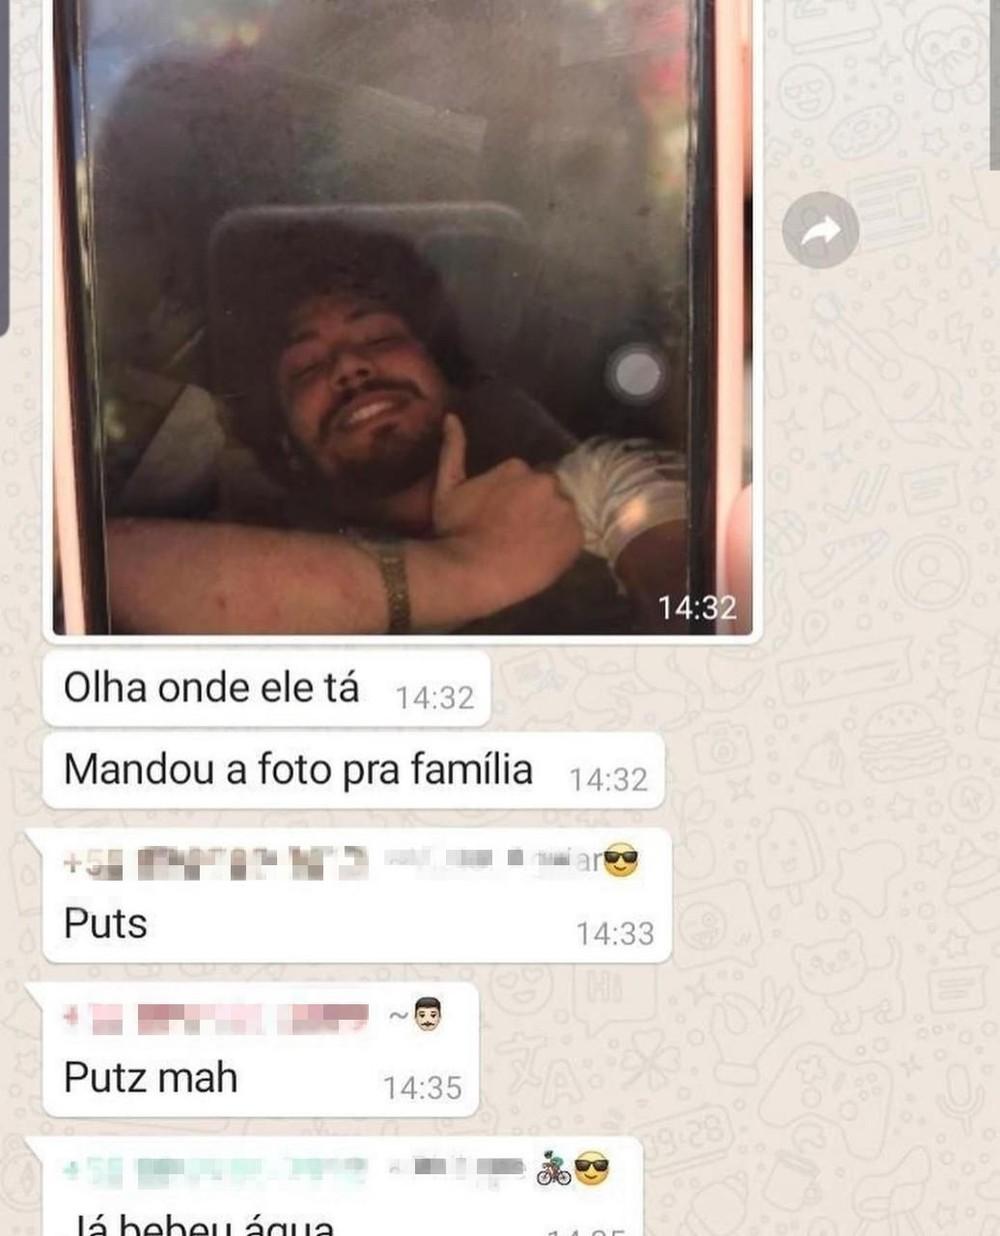 foto selfie predio desaba fortaleza 2